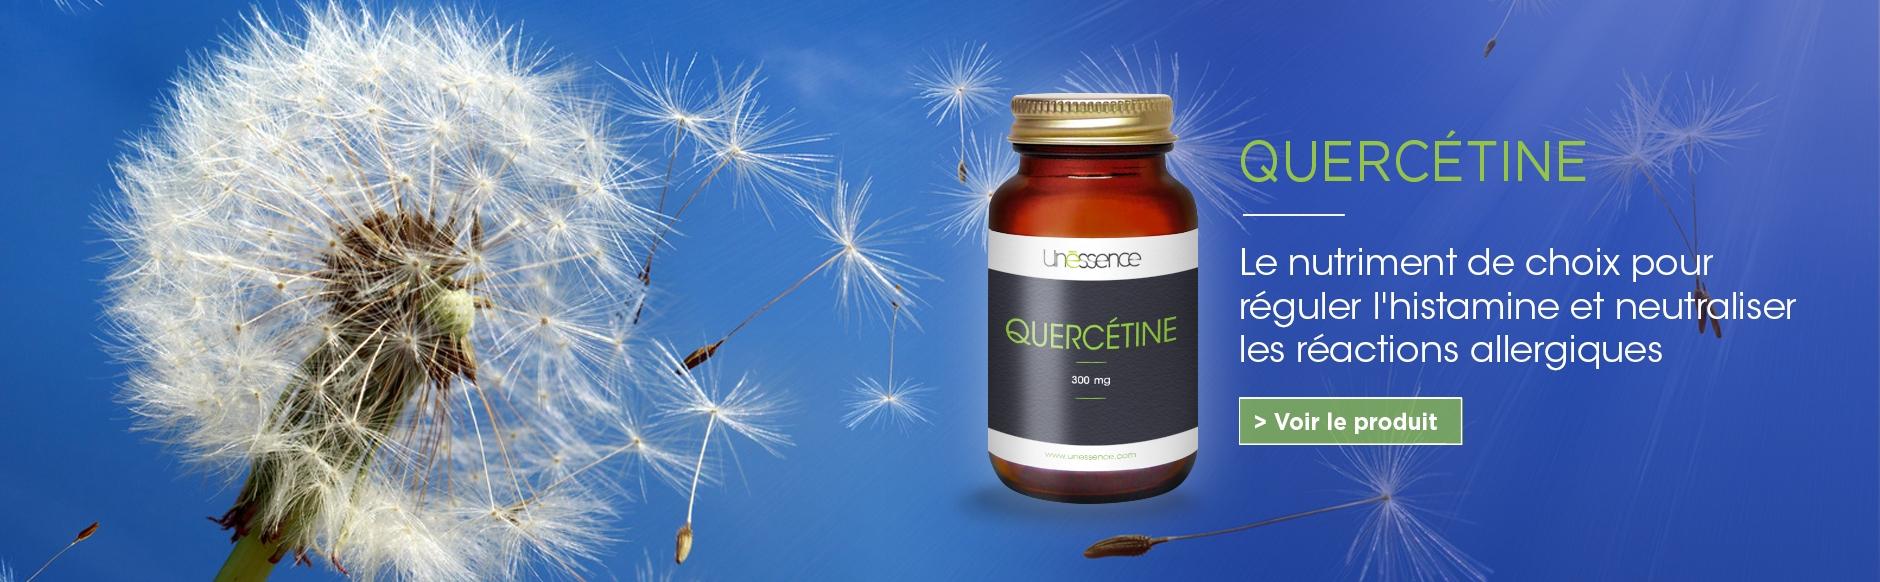 Quercétine